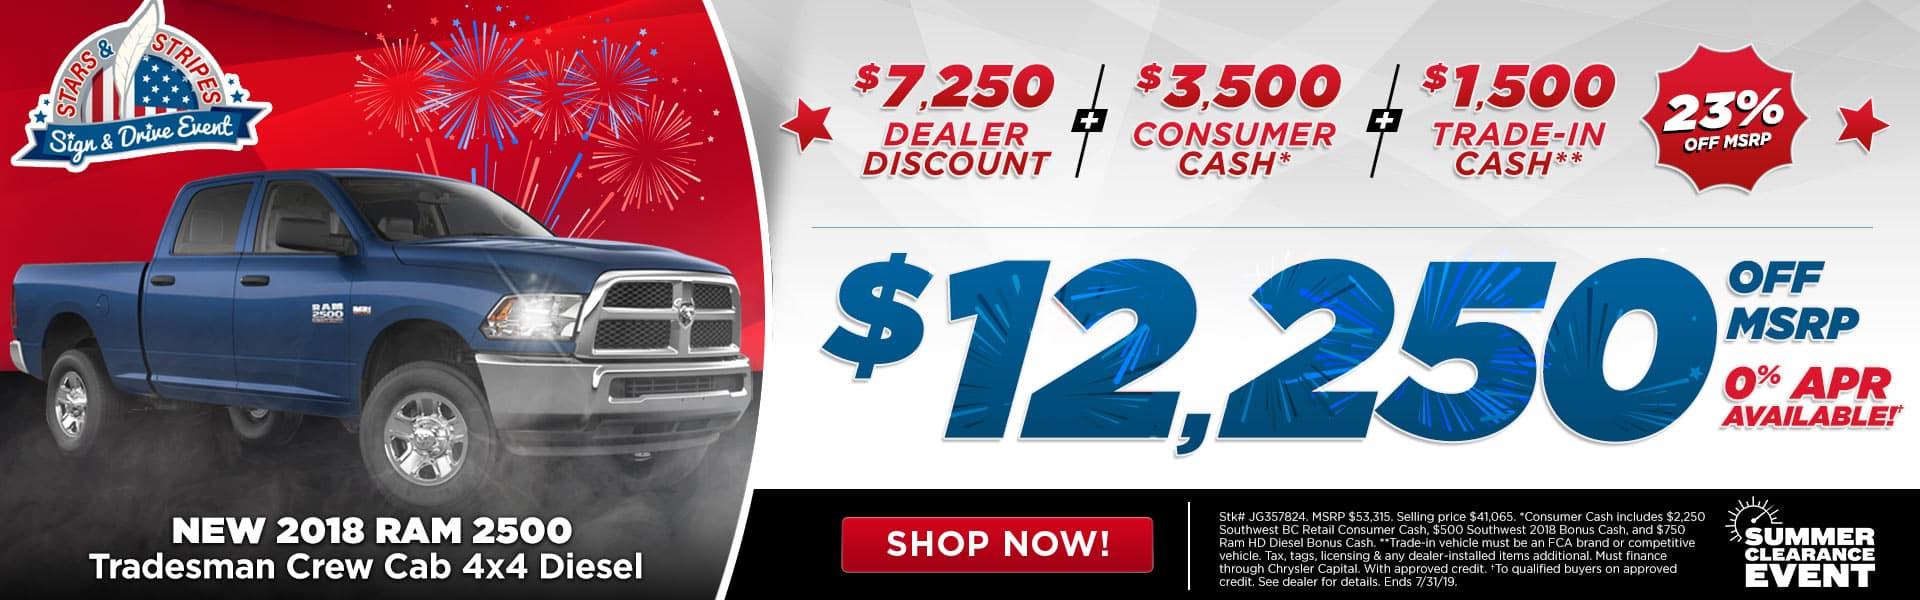 Auto City Dallas Tx >> Dodge Chrysler Jeep Ram Dealership Dallas Tx Dallas Dodge